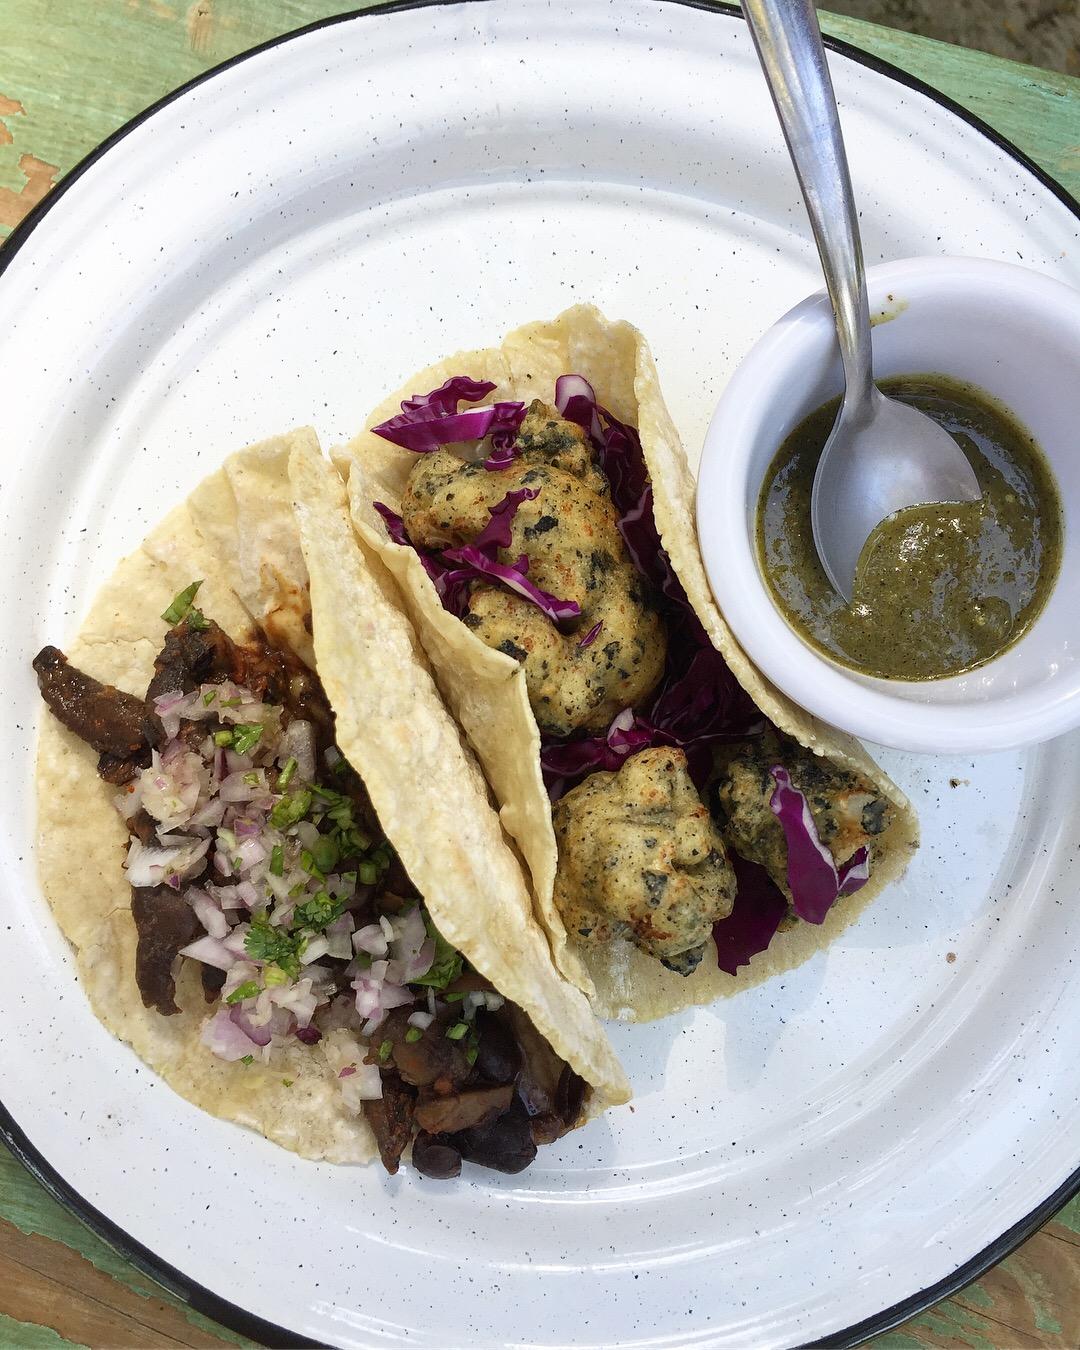 More tacos at Veganda.